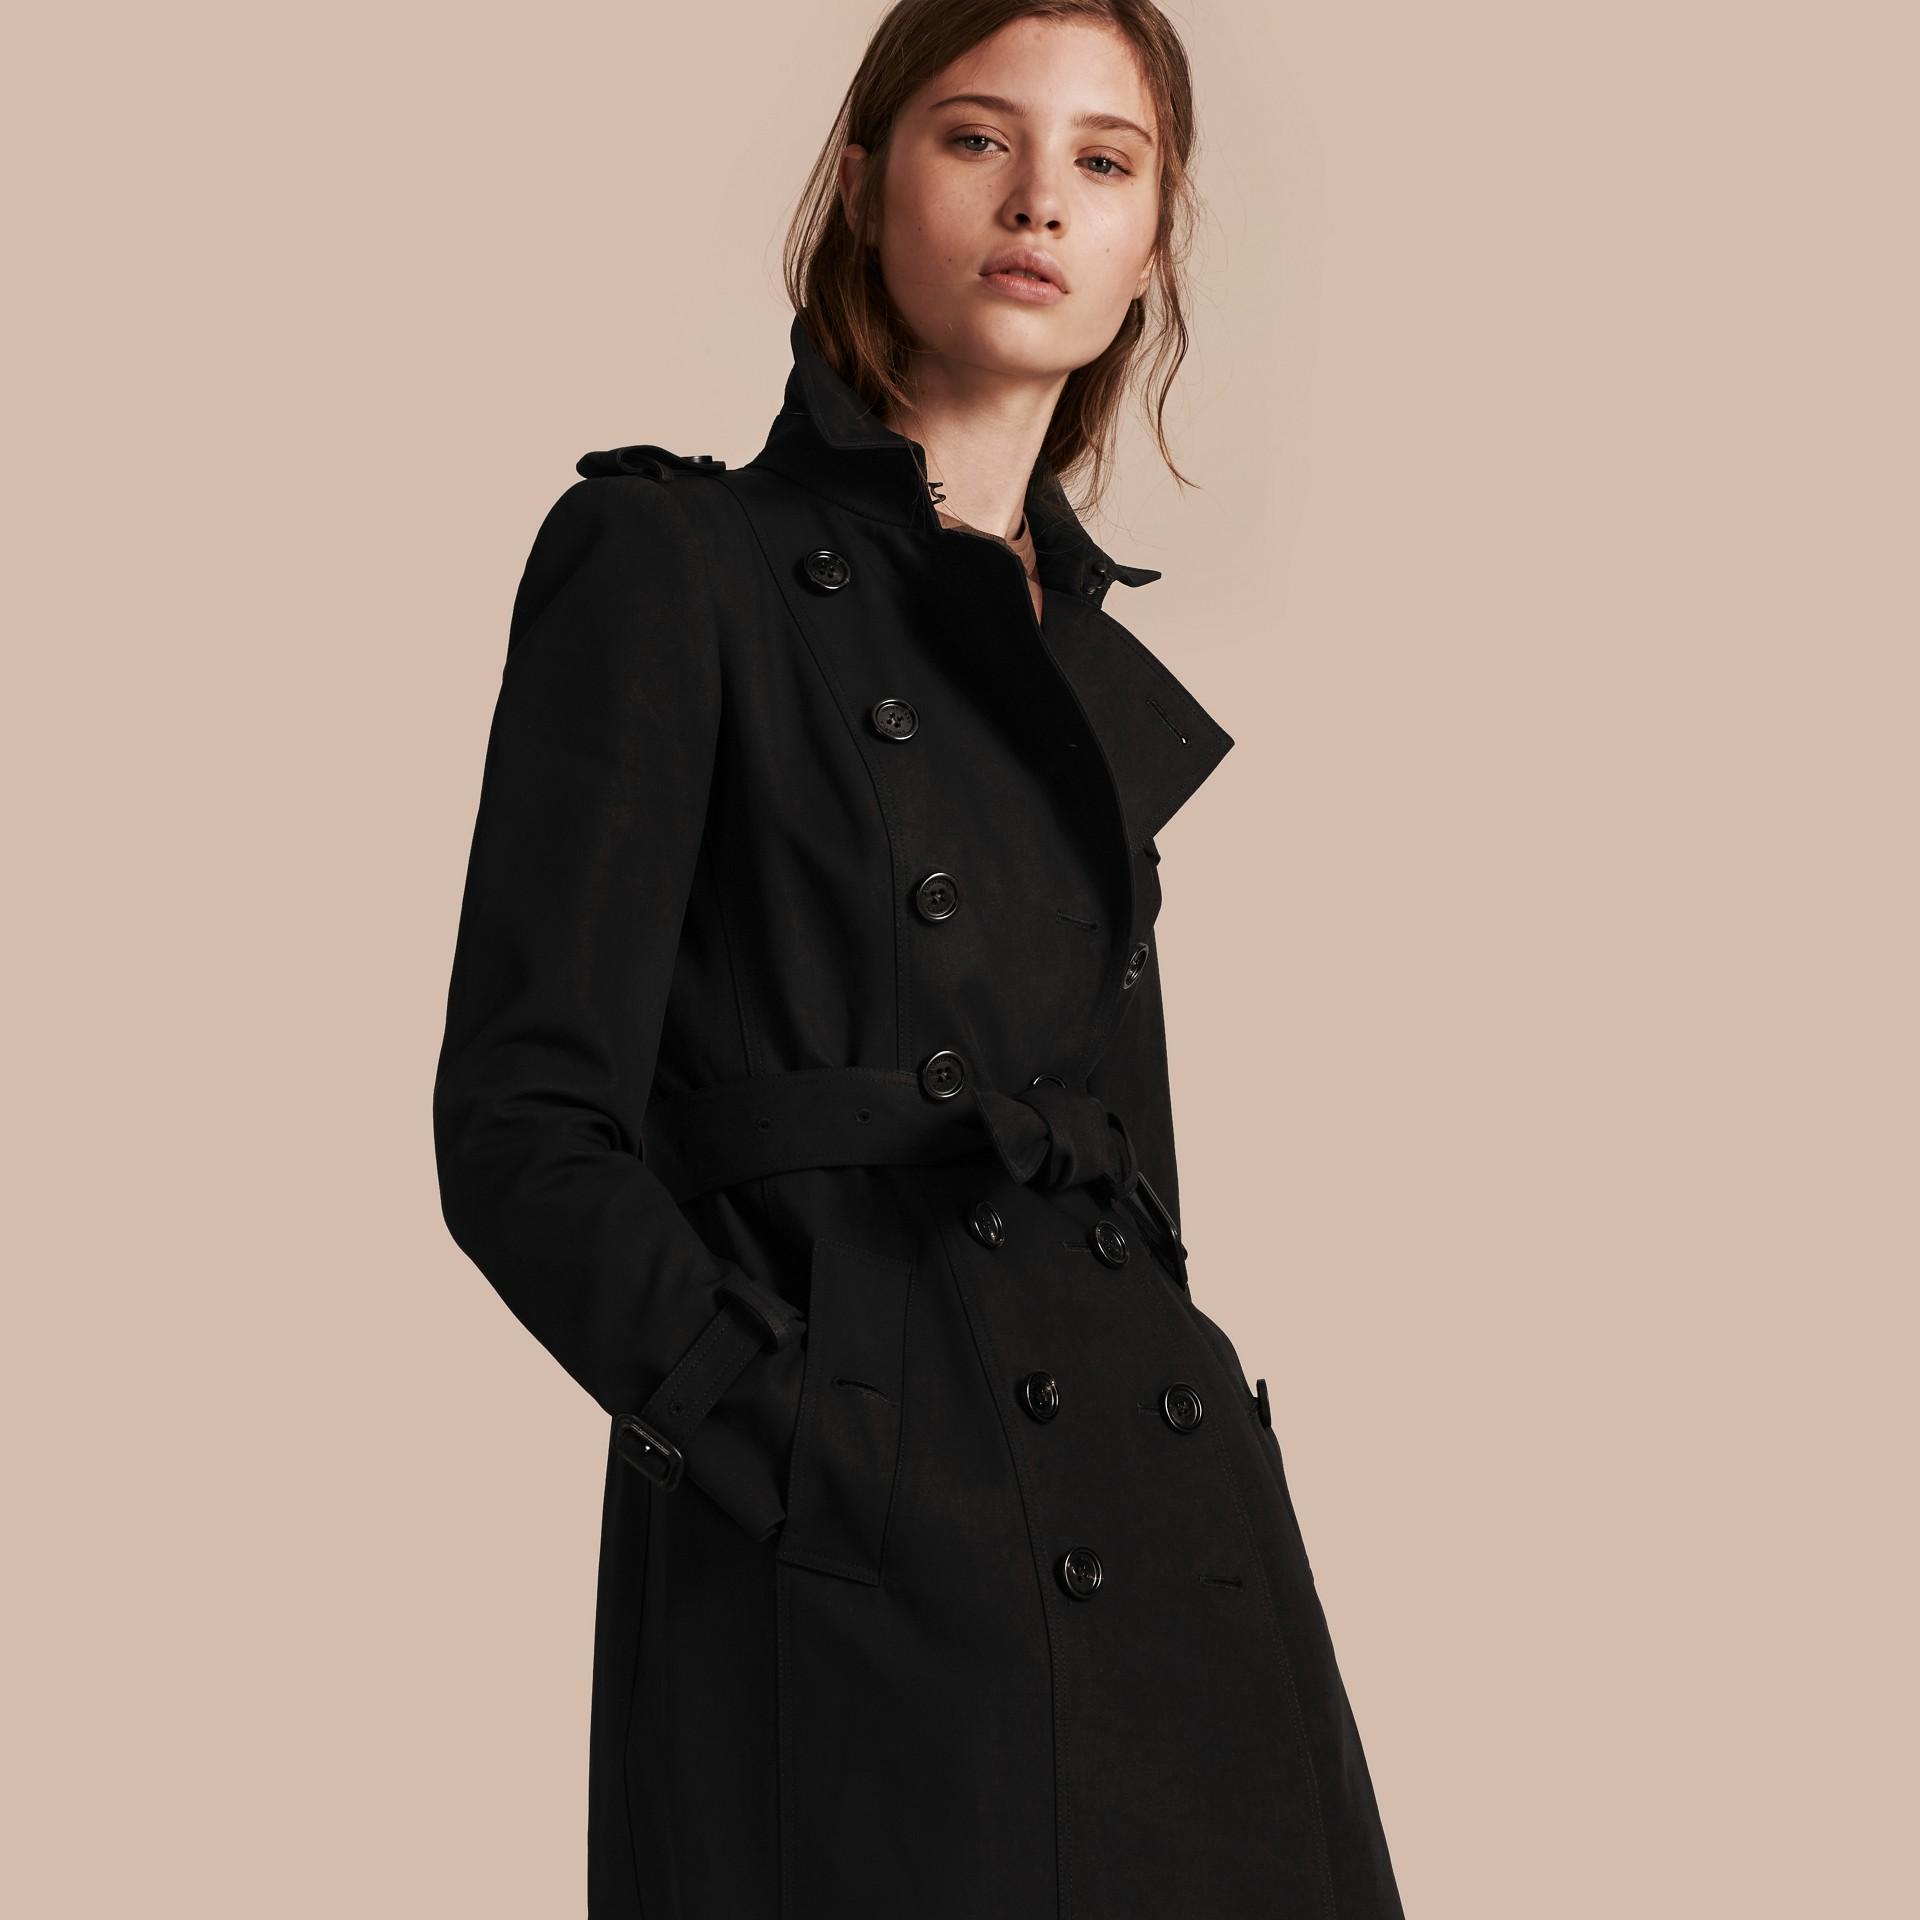 Preto Trench coat de gabardine de algodão Preto - galeria de imagens 1